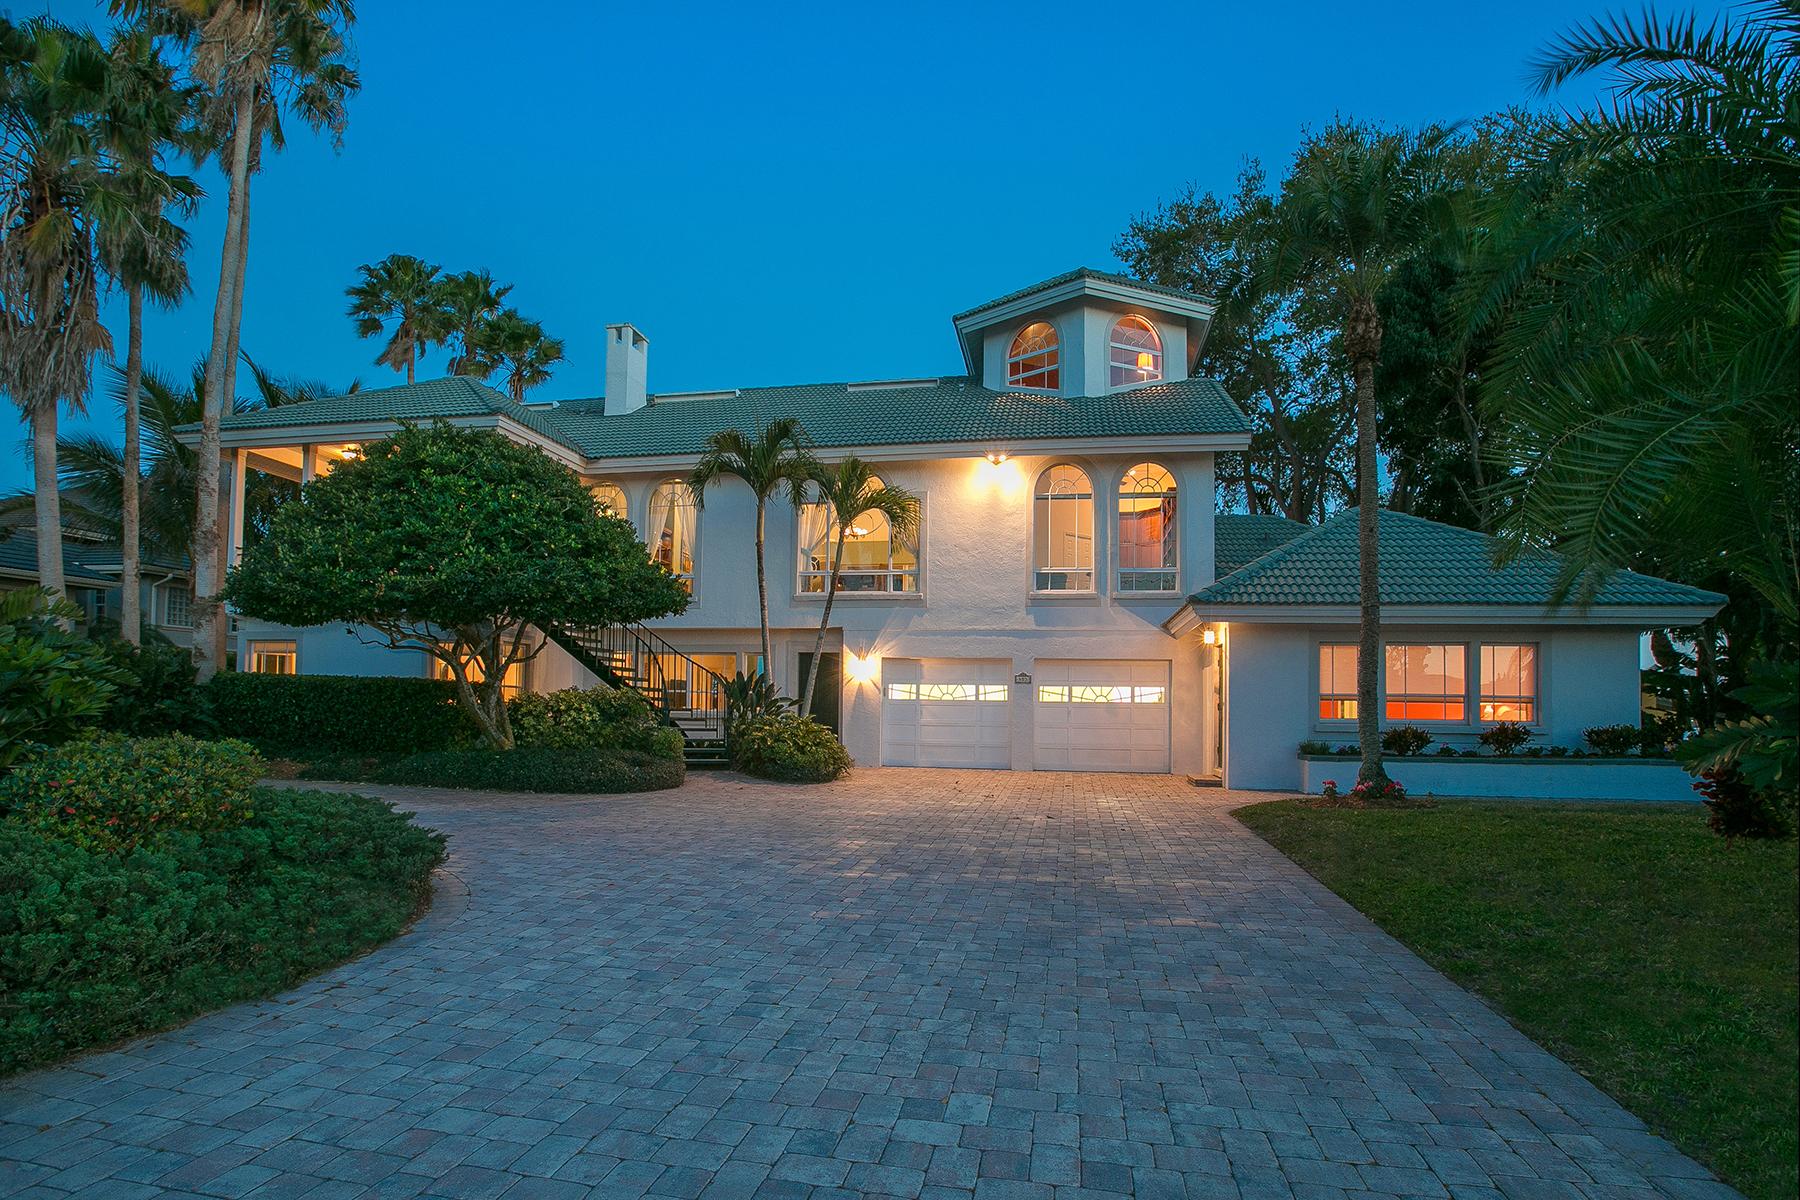 Maison unifamiliale pour l Vente à ENCHANTED ISLES 403 Sunrise Dr Nokomis, Florida, 34275 États-Unis